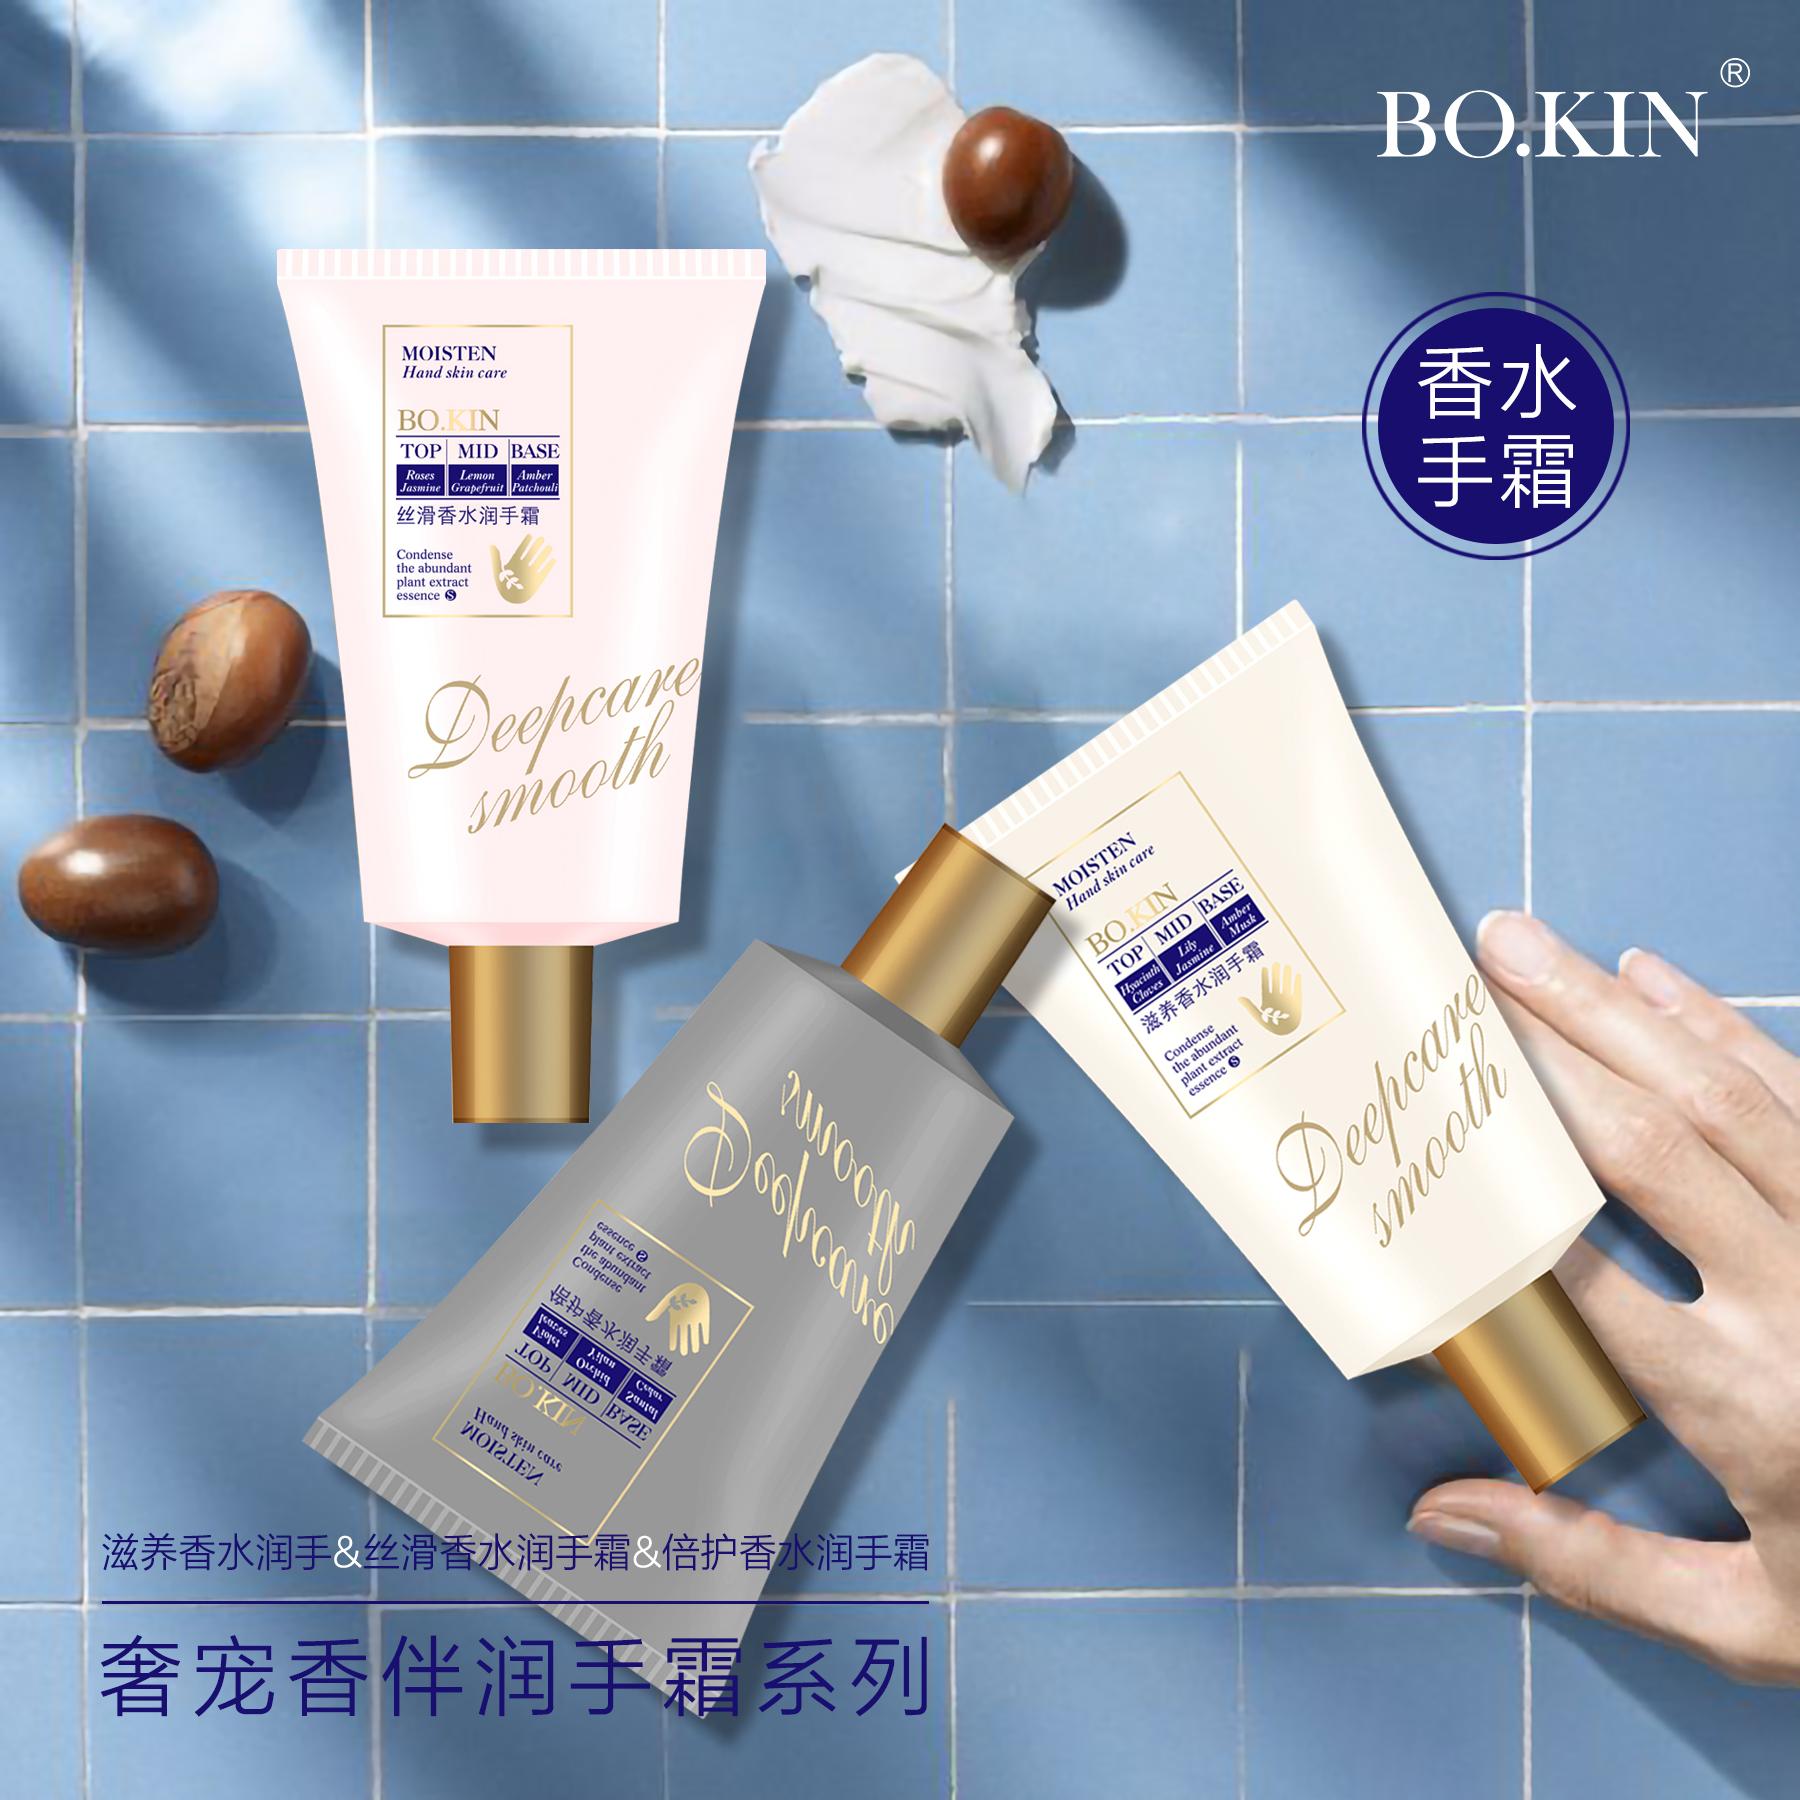 80g-柏晶滋养香水润手霜、丝滑香水润手霜、倍护香水润手霜-2